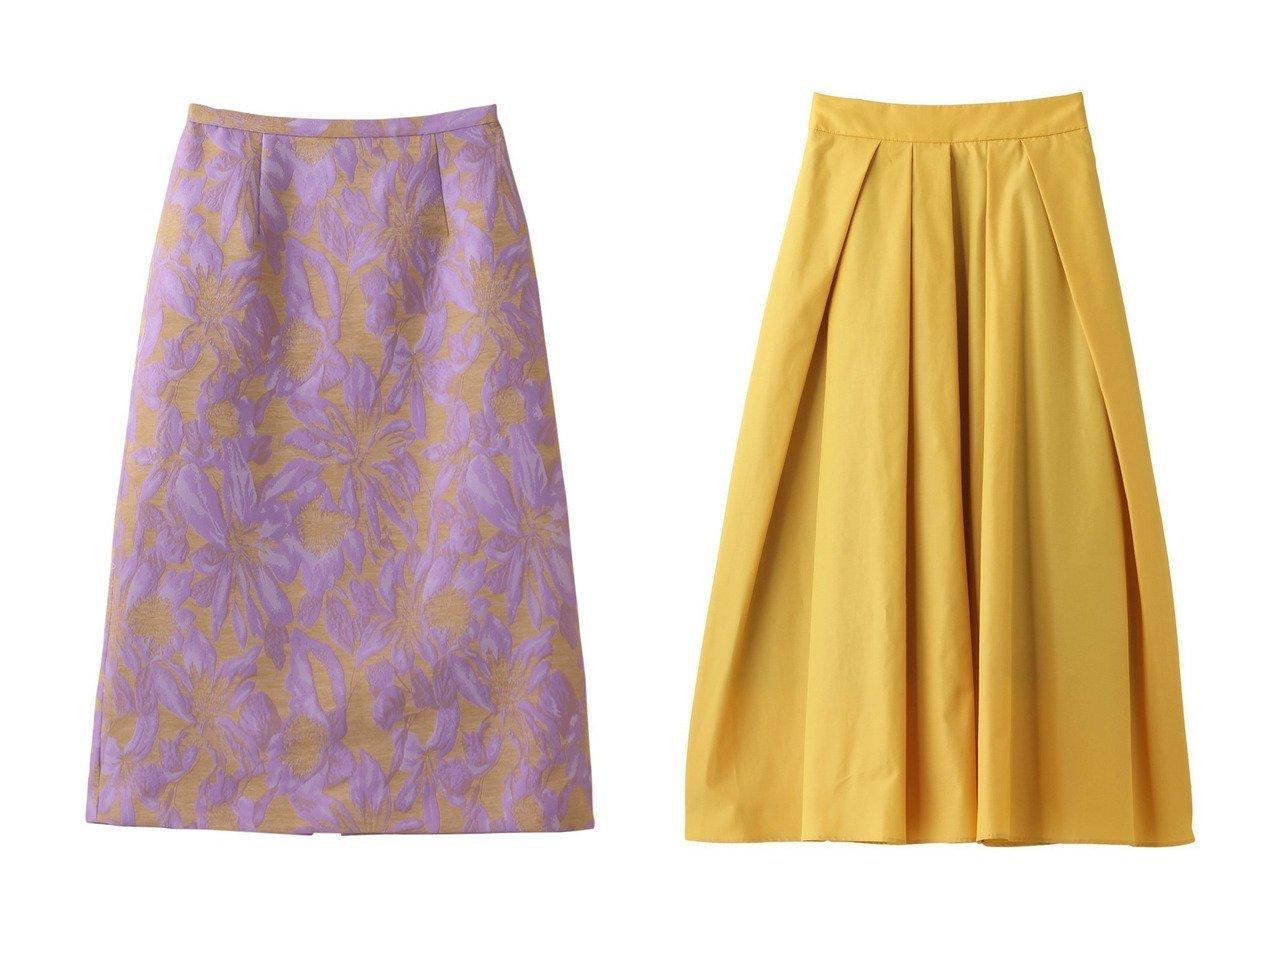 【allureville/アルアバイル】の【Loulou Willoughby】フラワージャガードAラインスカート&Cグログランタックフレアスカート 【スカート】おすすめ!人気、トレンド・レディースファッションの通販 おすすめで人気の流行・トレンド、ファッションの通販商品 インテリア・家具・メンズファッション・キッズファッション・レディースファッション・服の通販 founy(ファニー) https://founy.com/ ファッション Fashion レディースファッション WOMEN スカート Skirt Aライン/フレアスカート Flared A-Line Skirts カットソー バランス フォルム フレア フロント おすすめ Recommend ジャカード セットアップ パーティ フラワー |ID:crp329100000056313